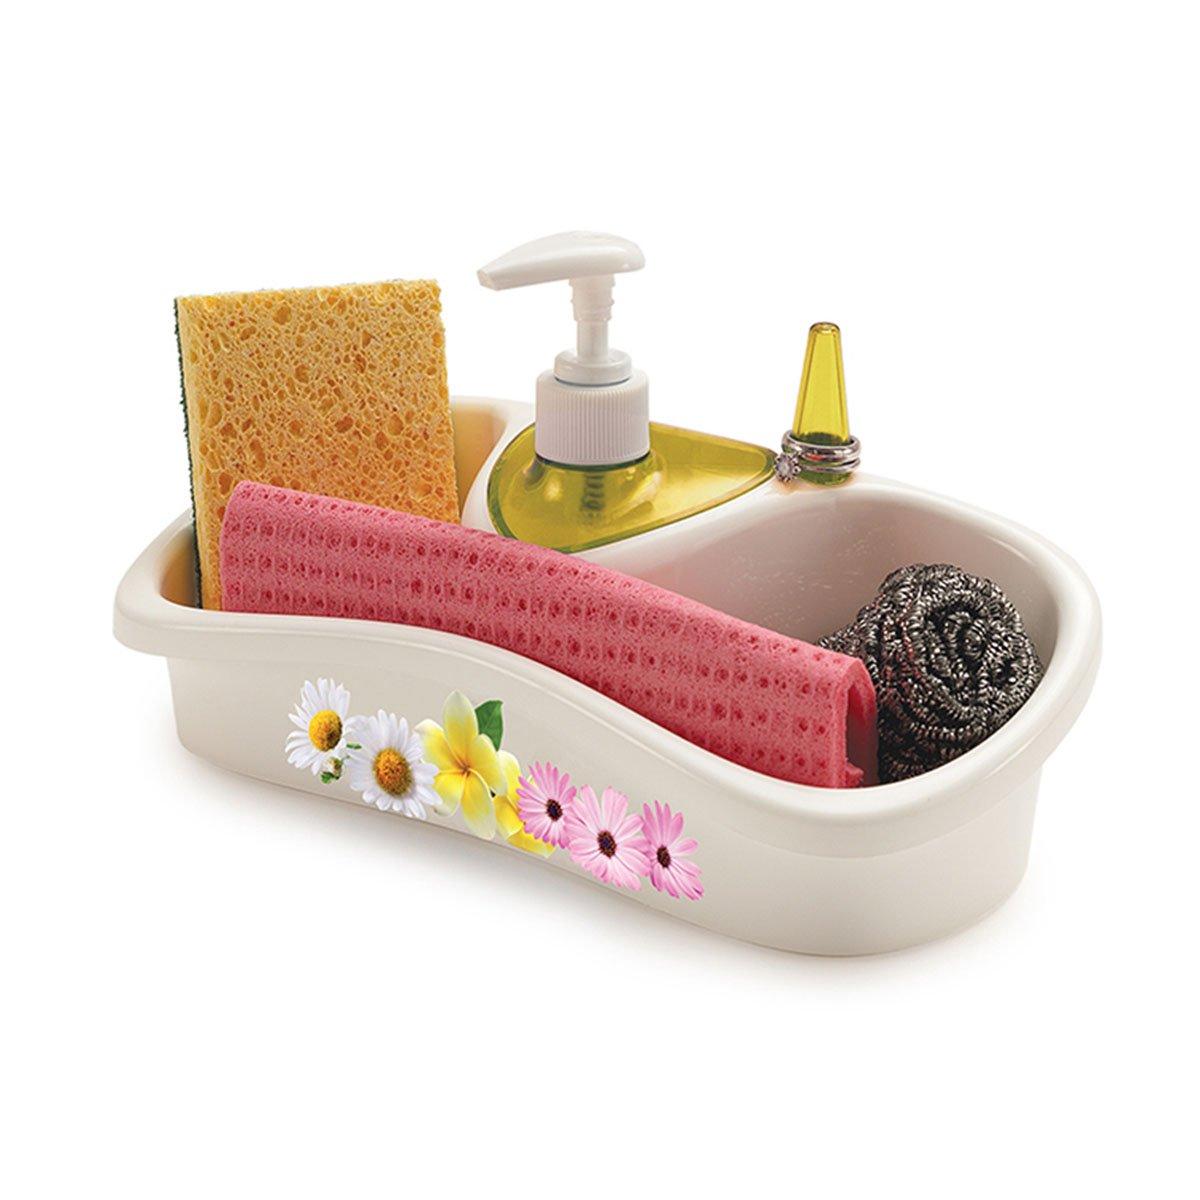 Porta esponjas con dispensador para jab n saponello snips - Dispensador de jabon cocina ...